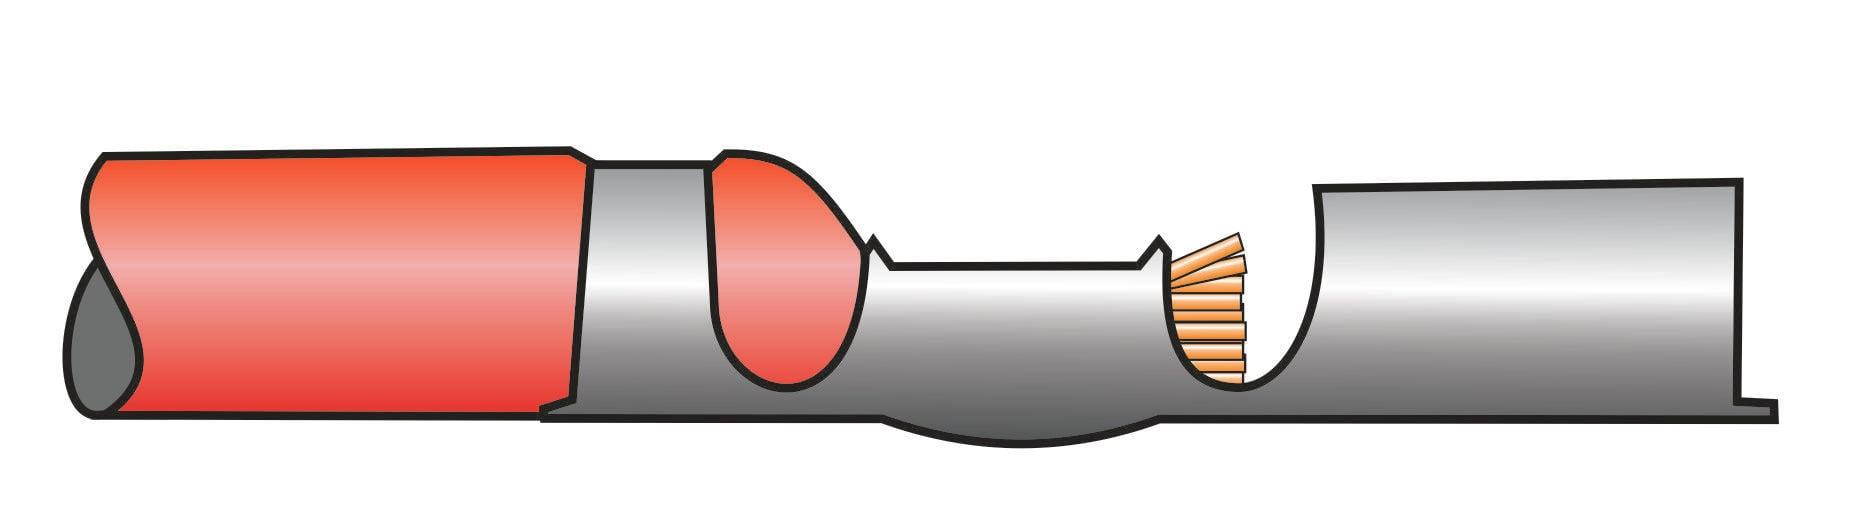 Crimpverbindung mit zu kurzer Abisolierung